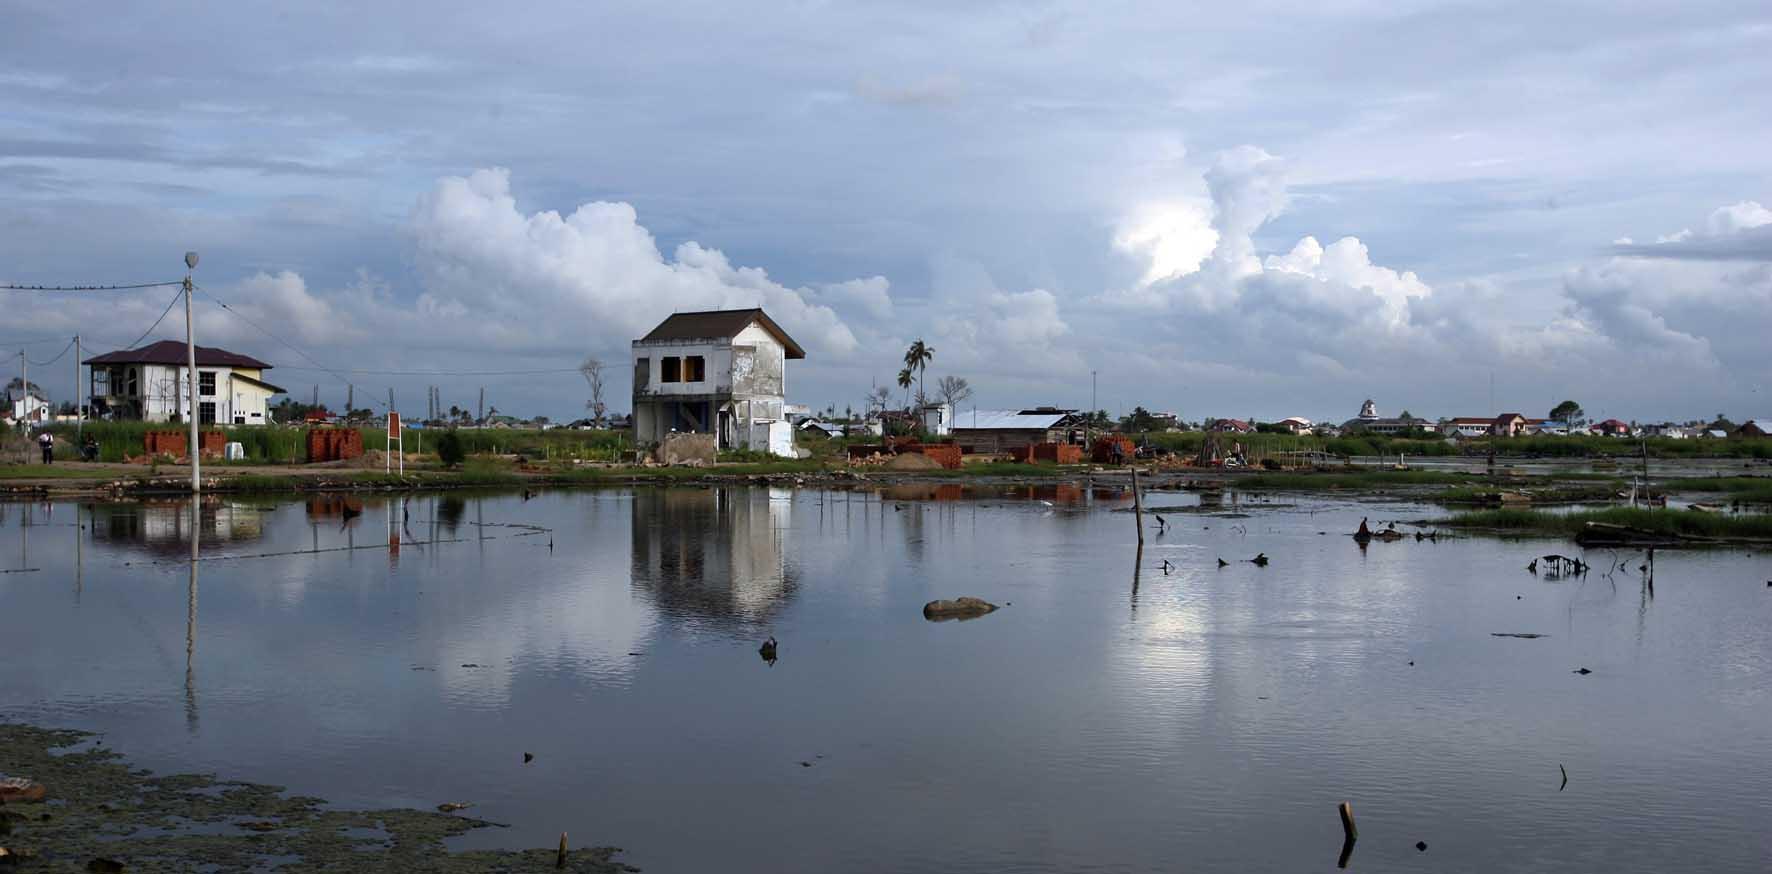 Banda Aceh Town Beyond The Apocalypse Theprotocity Comtheprotocity Com